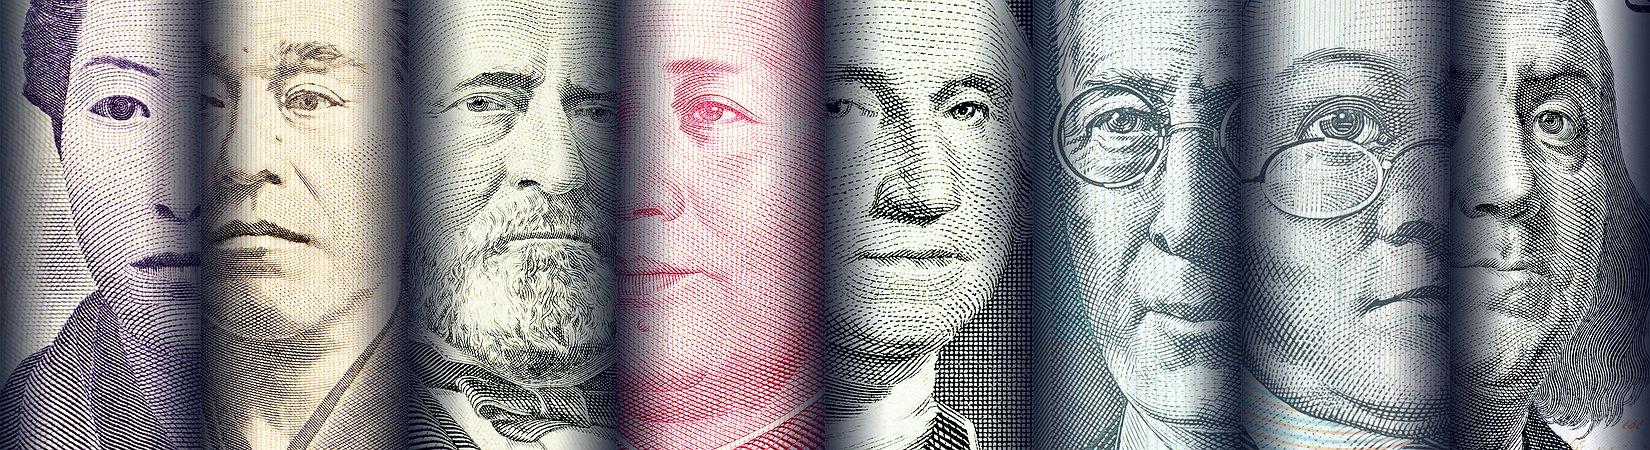 Мировой долг вырос до рекордных 327% ВВП